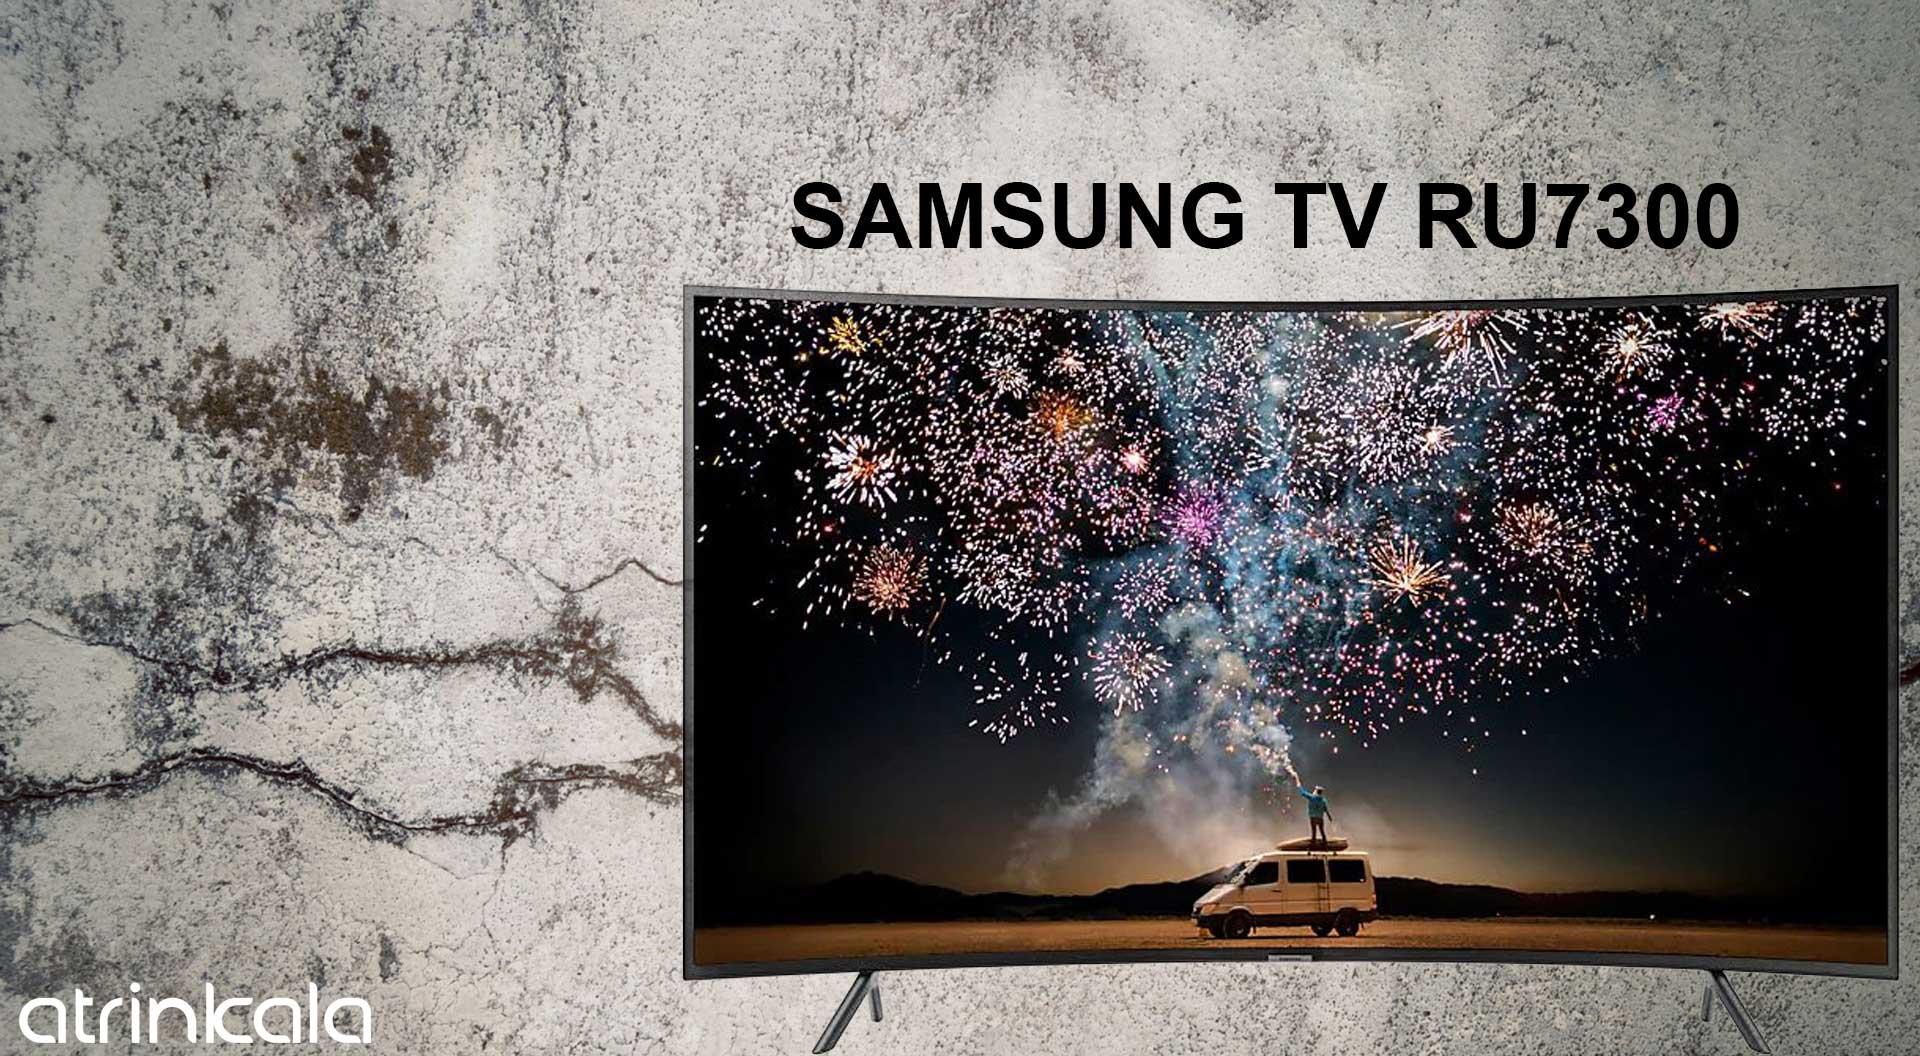 تلویزیون سامسونگ رسیور دار RU7300